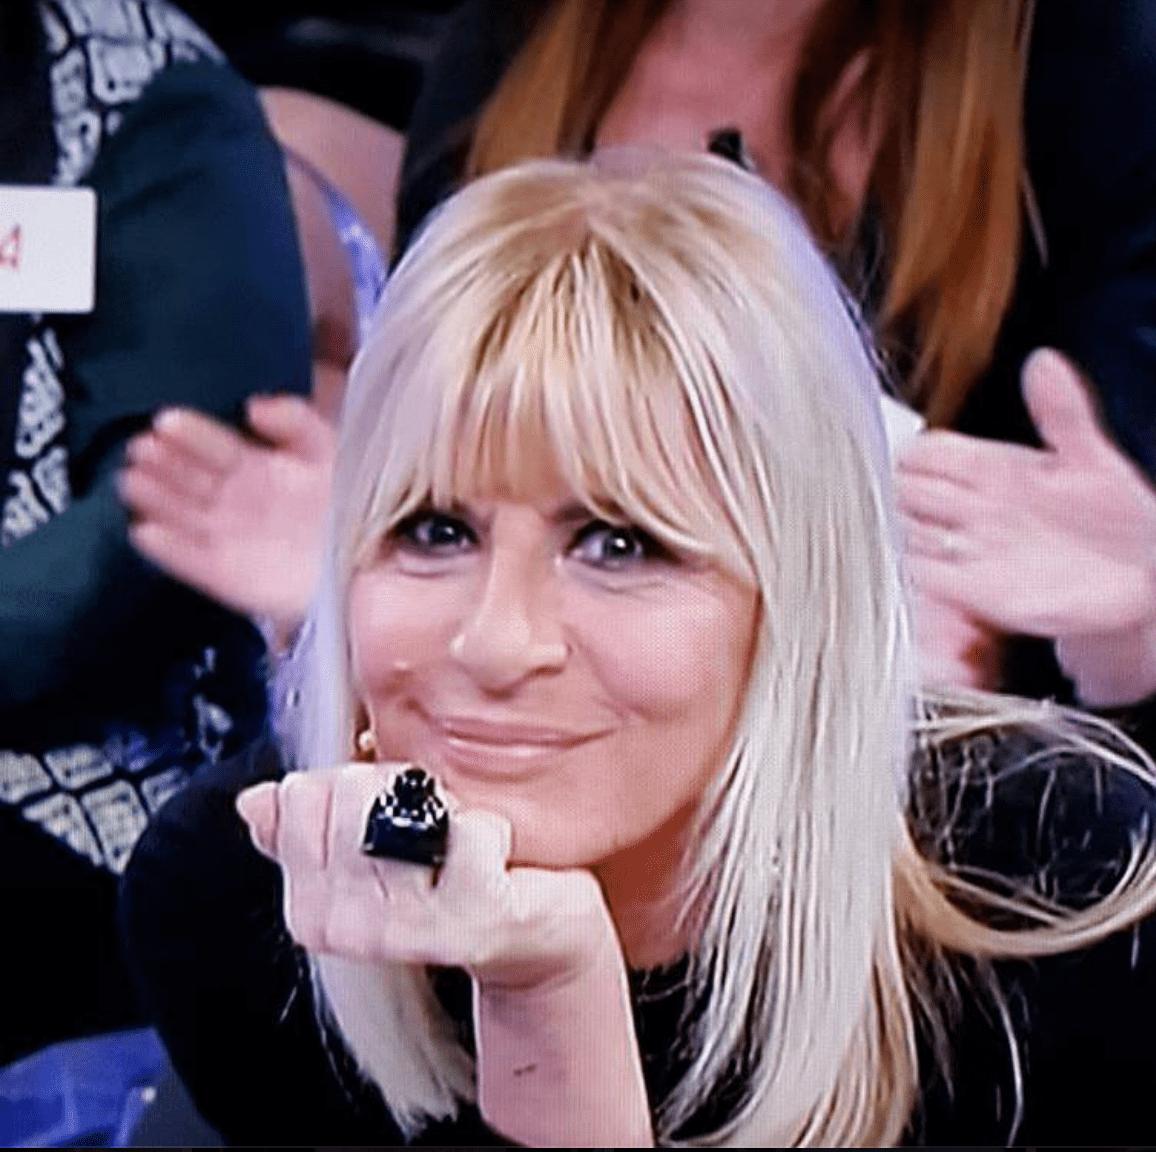 Uomini e Donne: Gemma Galgani al posto di Tina Cipollari?